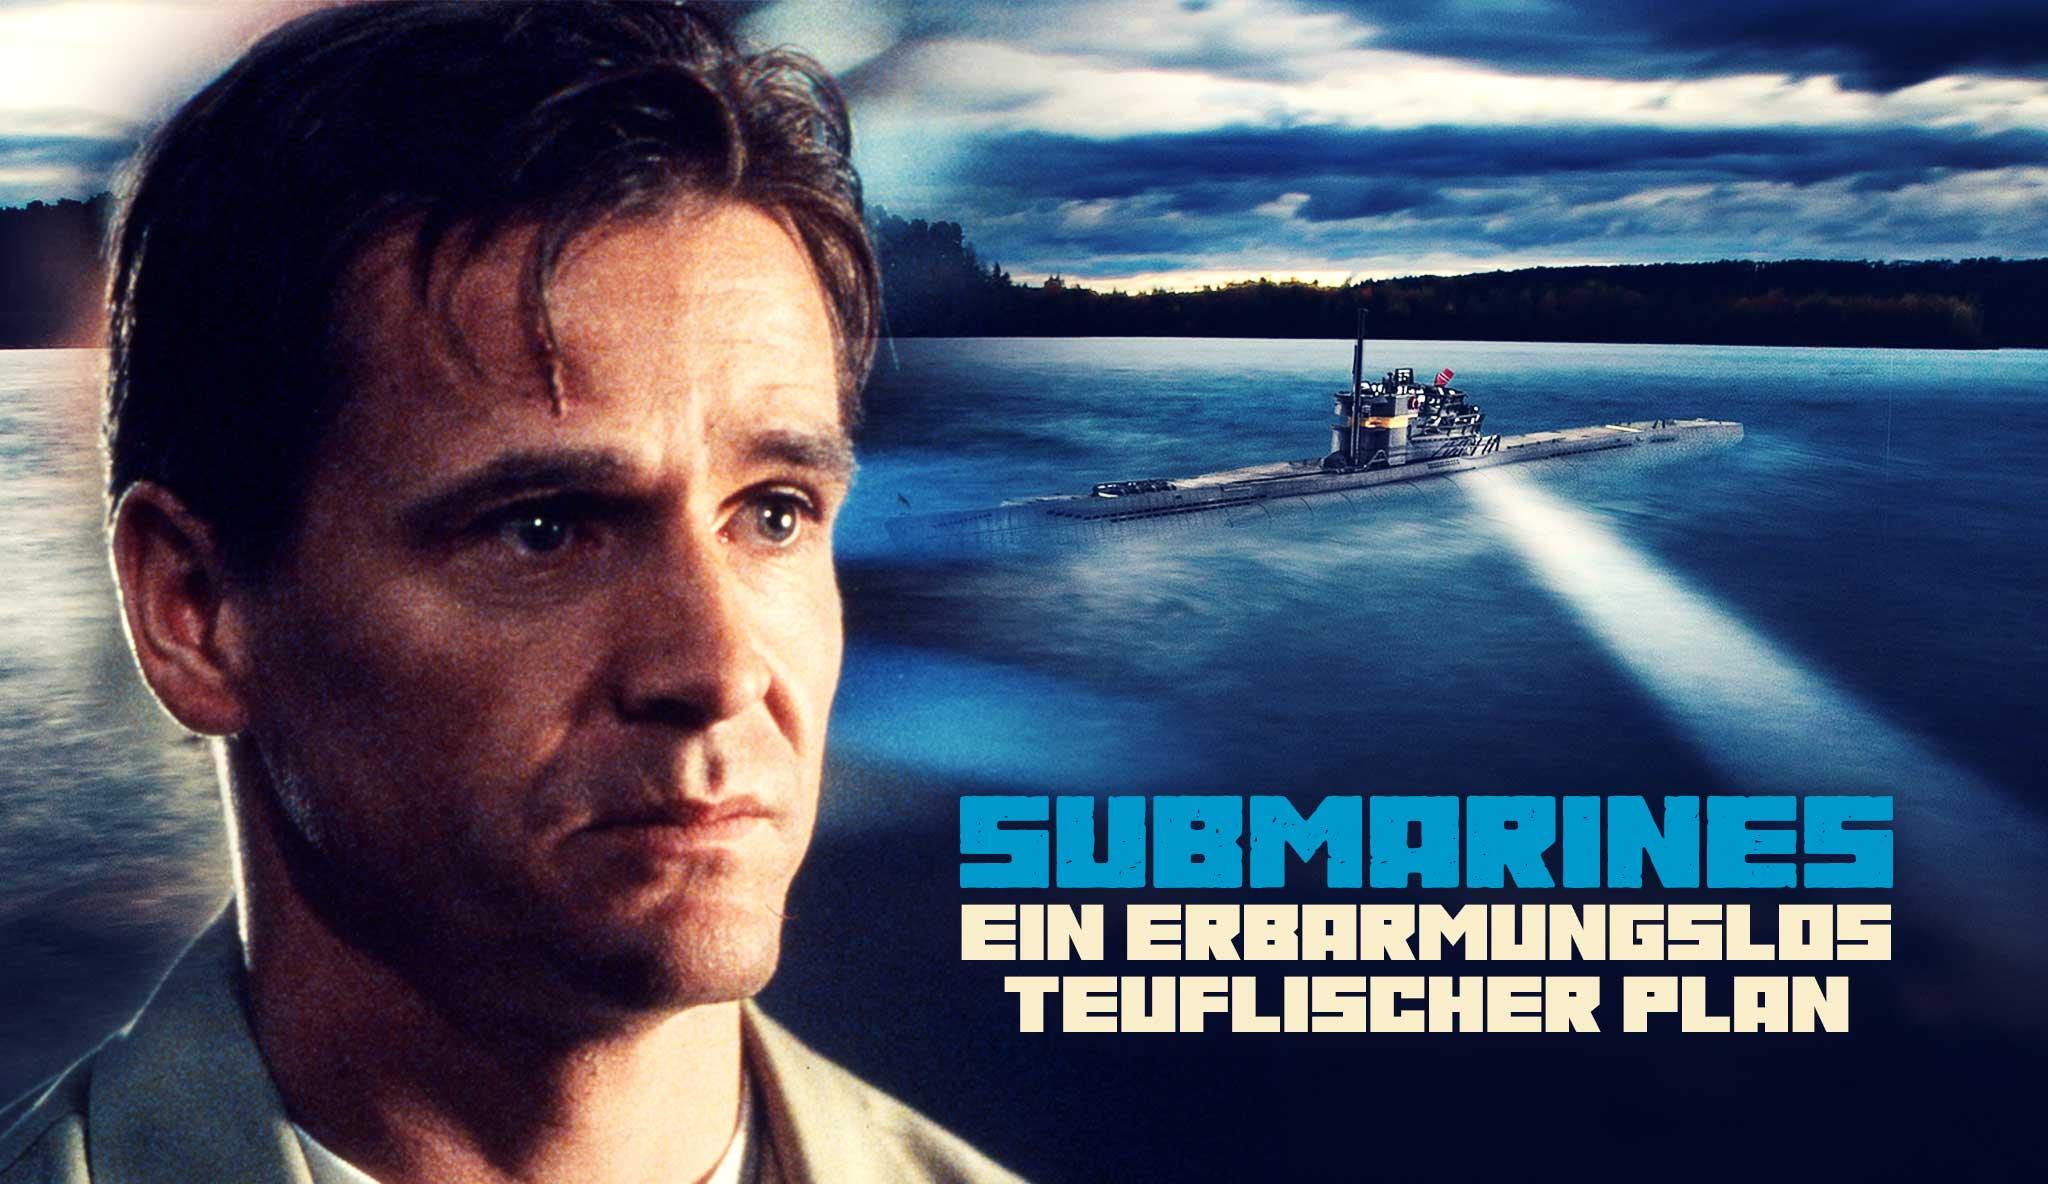 submarines-ein-erbarmungslos-teuflischer-plan\header.jpg